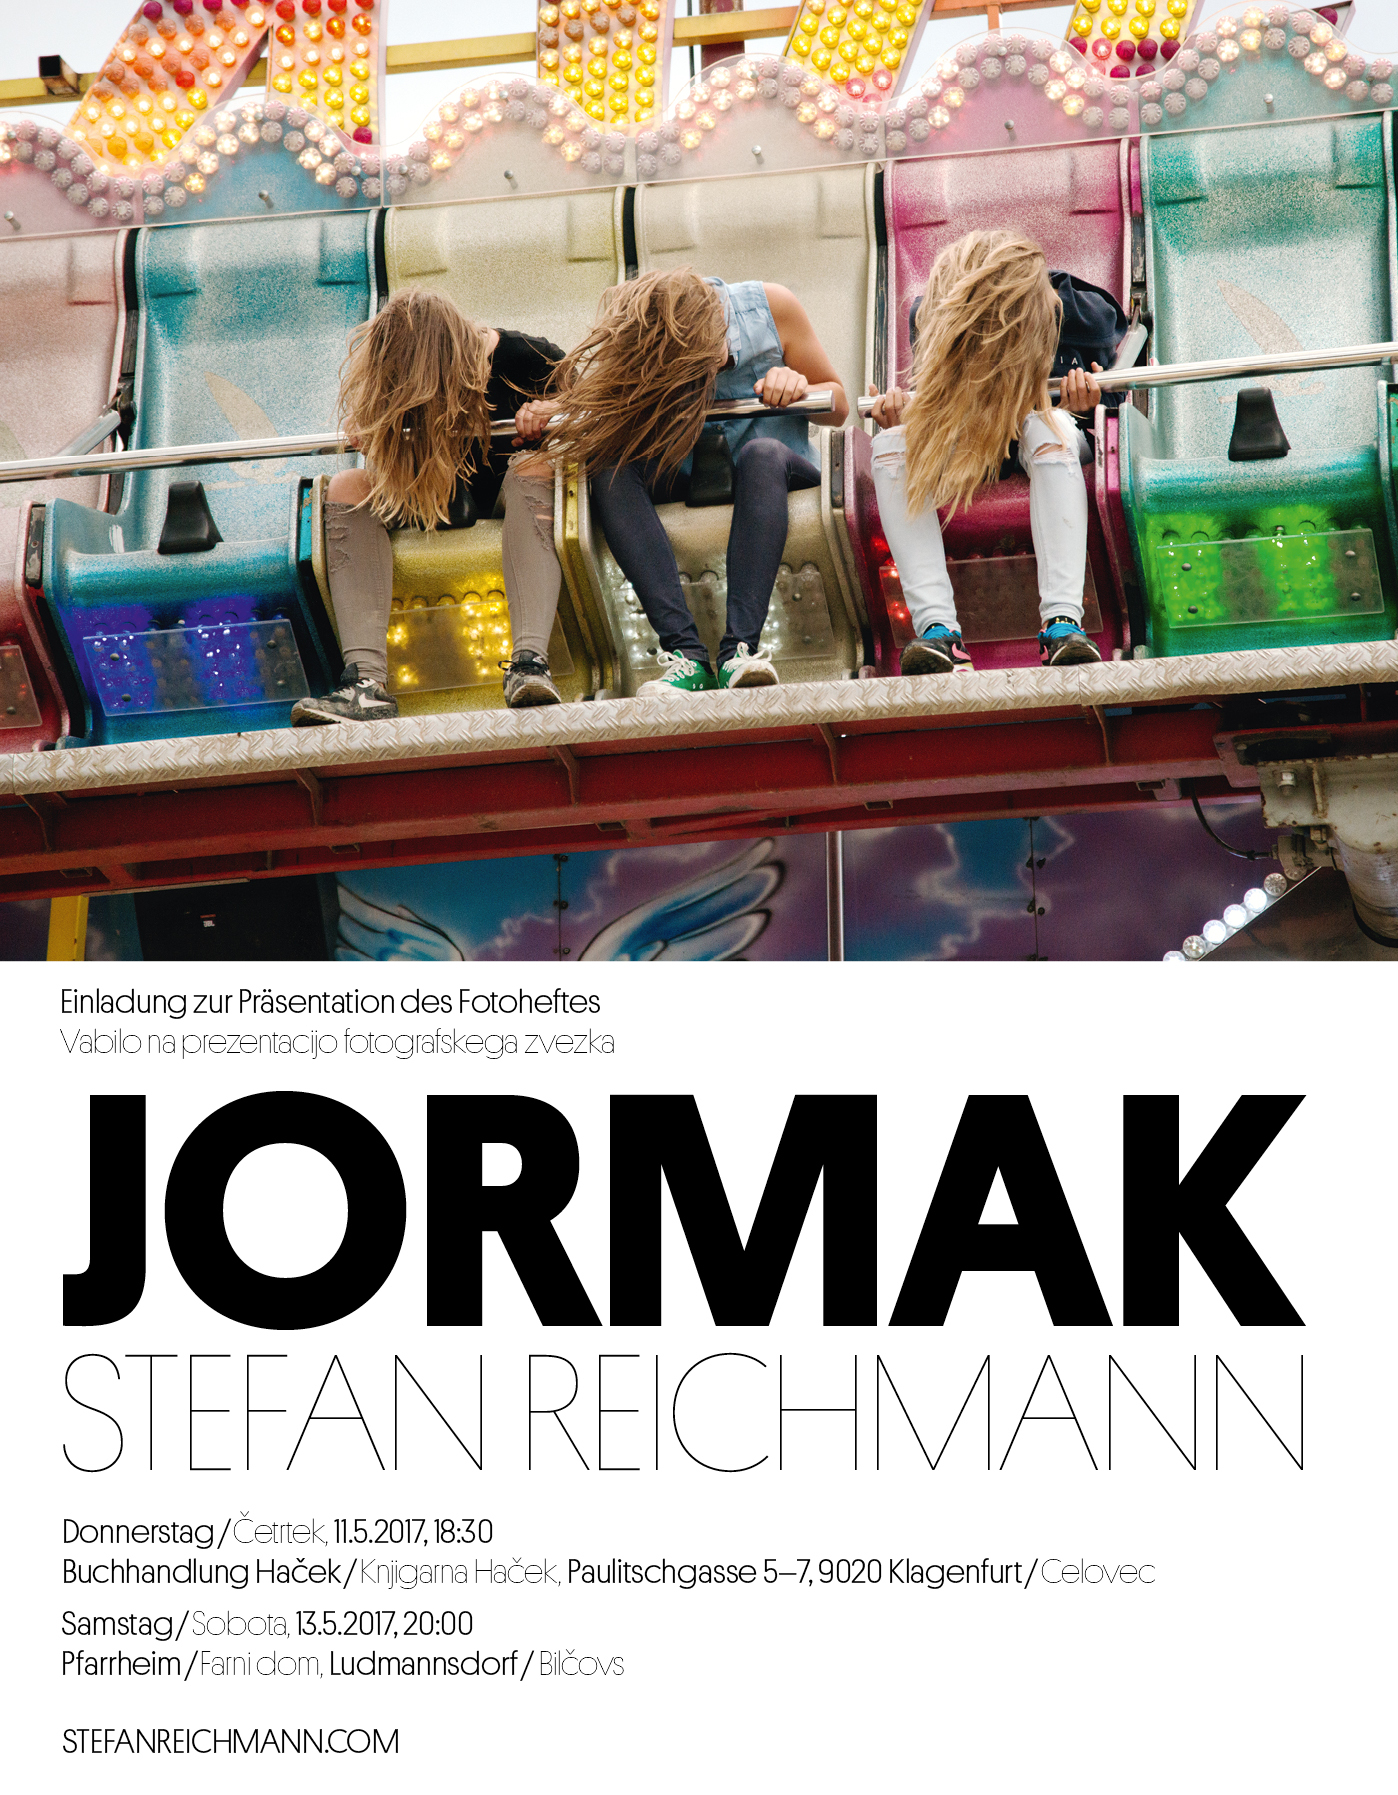 JORMAK Stefan Reichmann 11.05.17